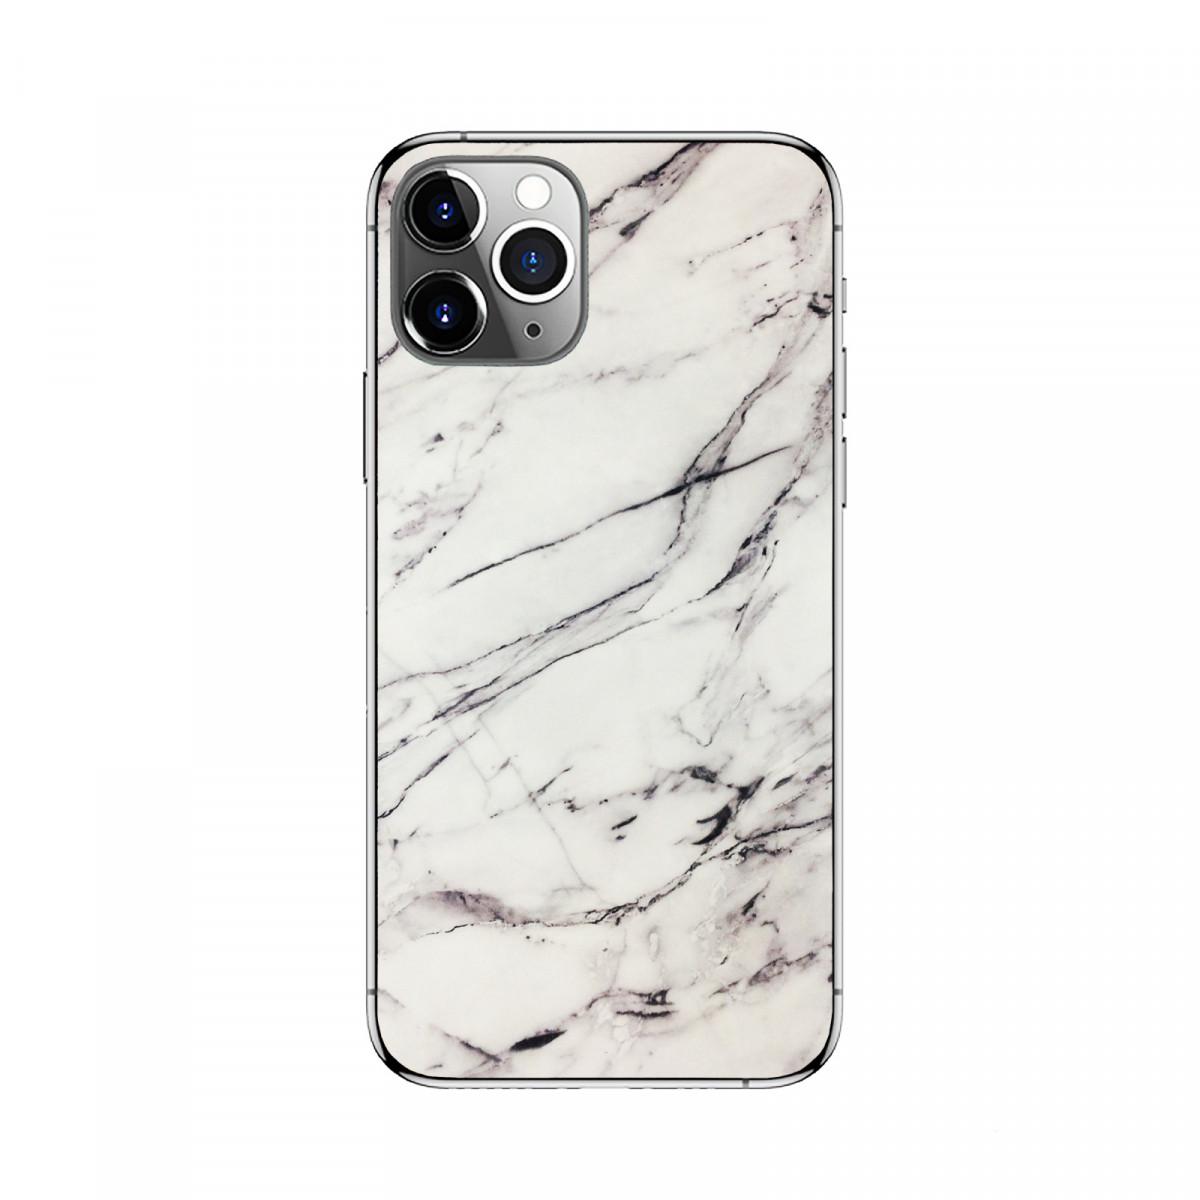 Захисна накладка на смартфона Біло-чорний мармур